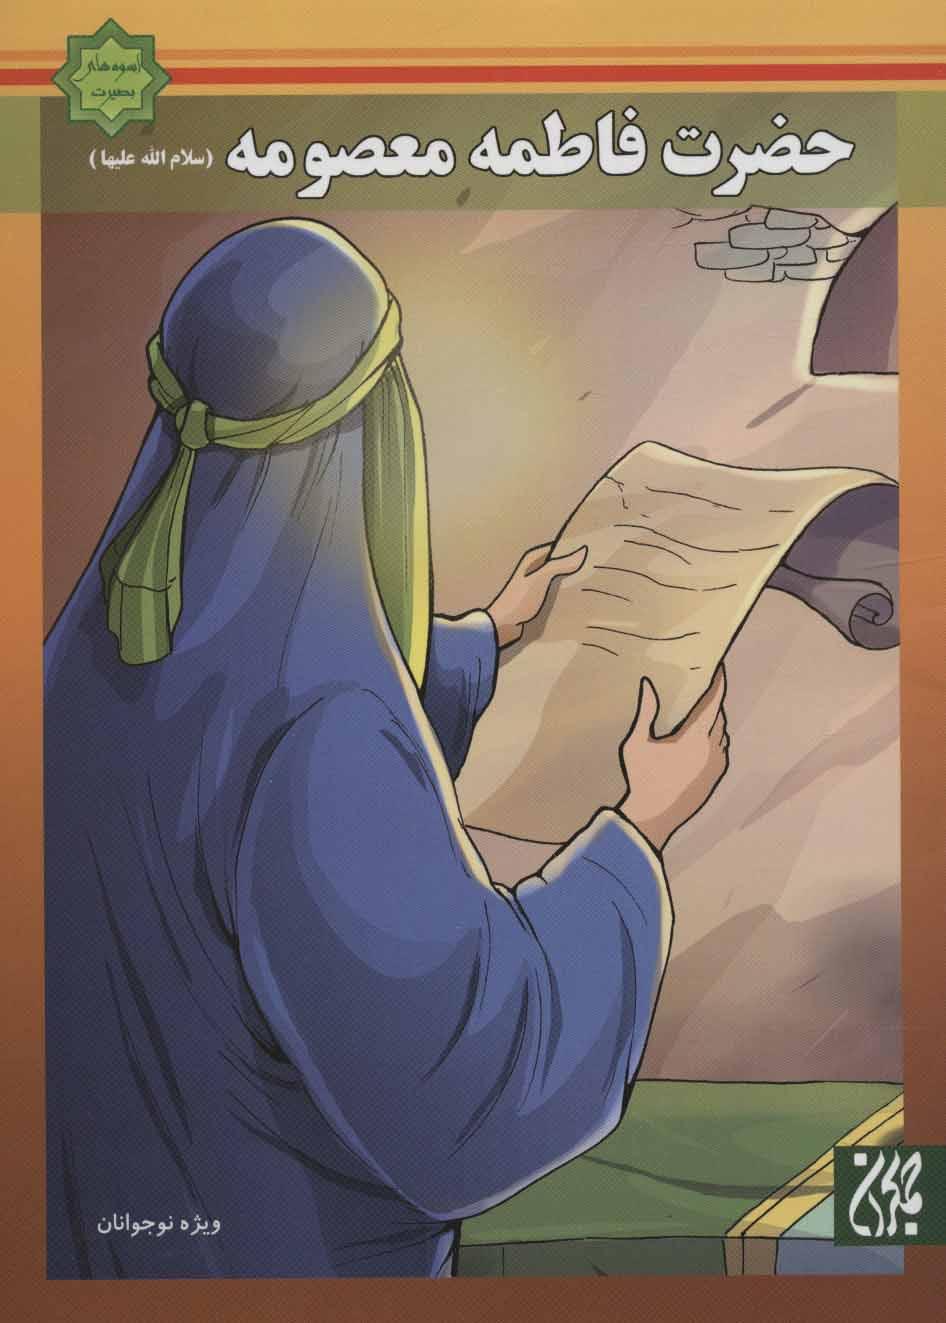 کتاب حضرت فاطمه معصومه(س)